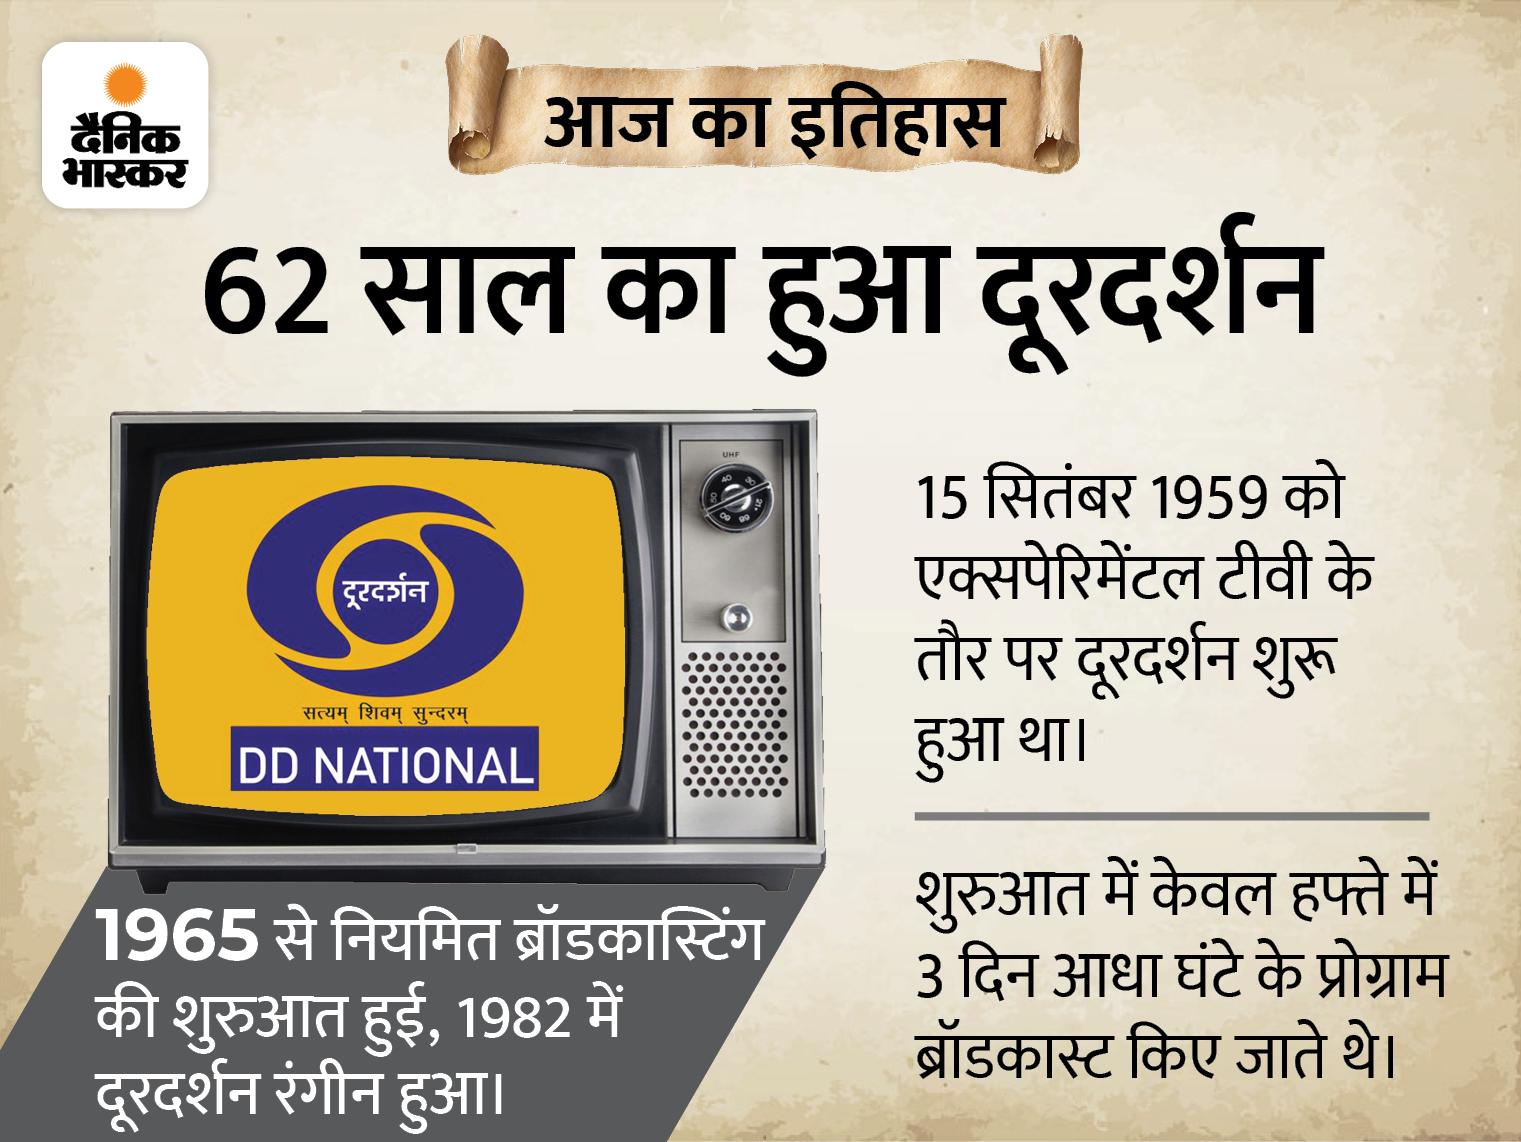 एक्सपेरिमेंटल टीवी से शुरू हुआ दूरदर्शन रामायण-महाभारत से घर-घर पहुंचा, आज देश का सबसे बड़ा ब्रॉडकास्टर|देश,National - Dainik Bhaskar